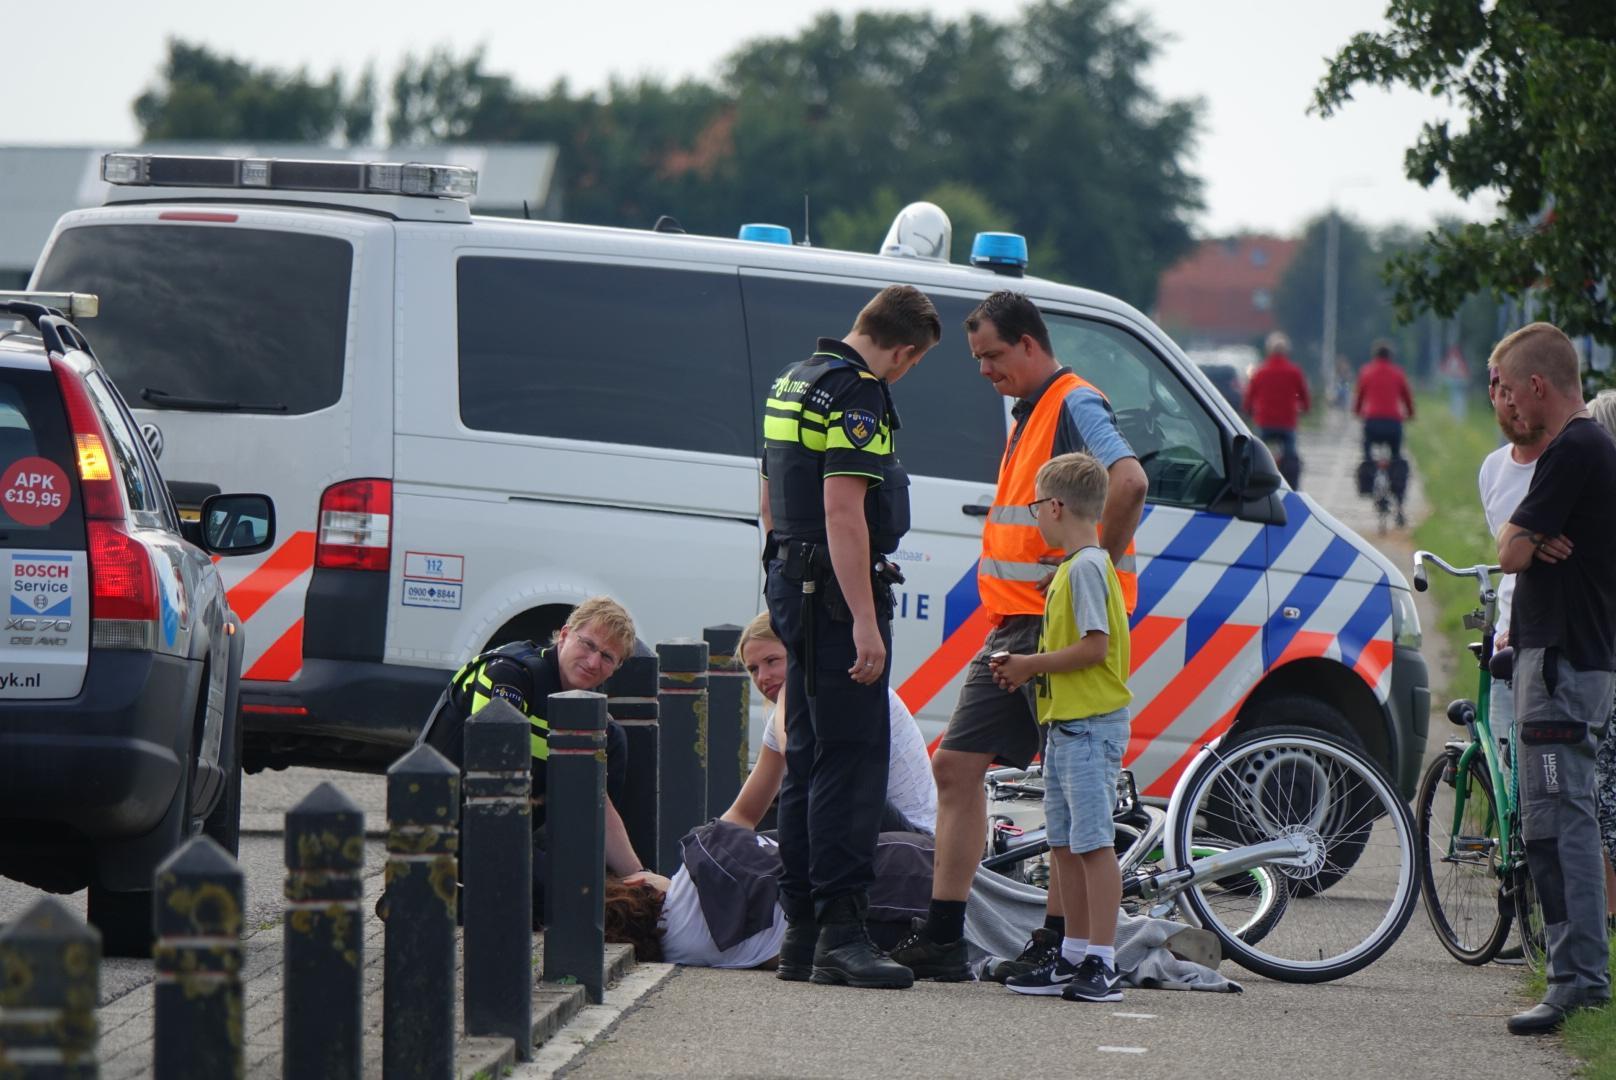 Fietsers botsen in Schagerbrug, vrouw gewond